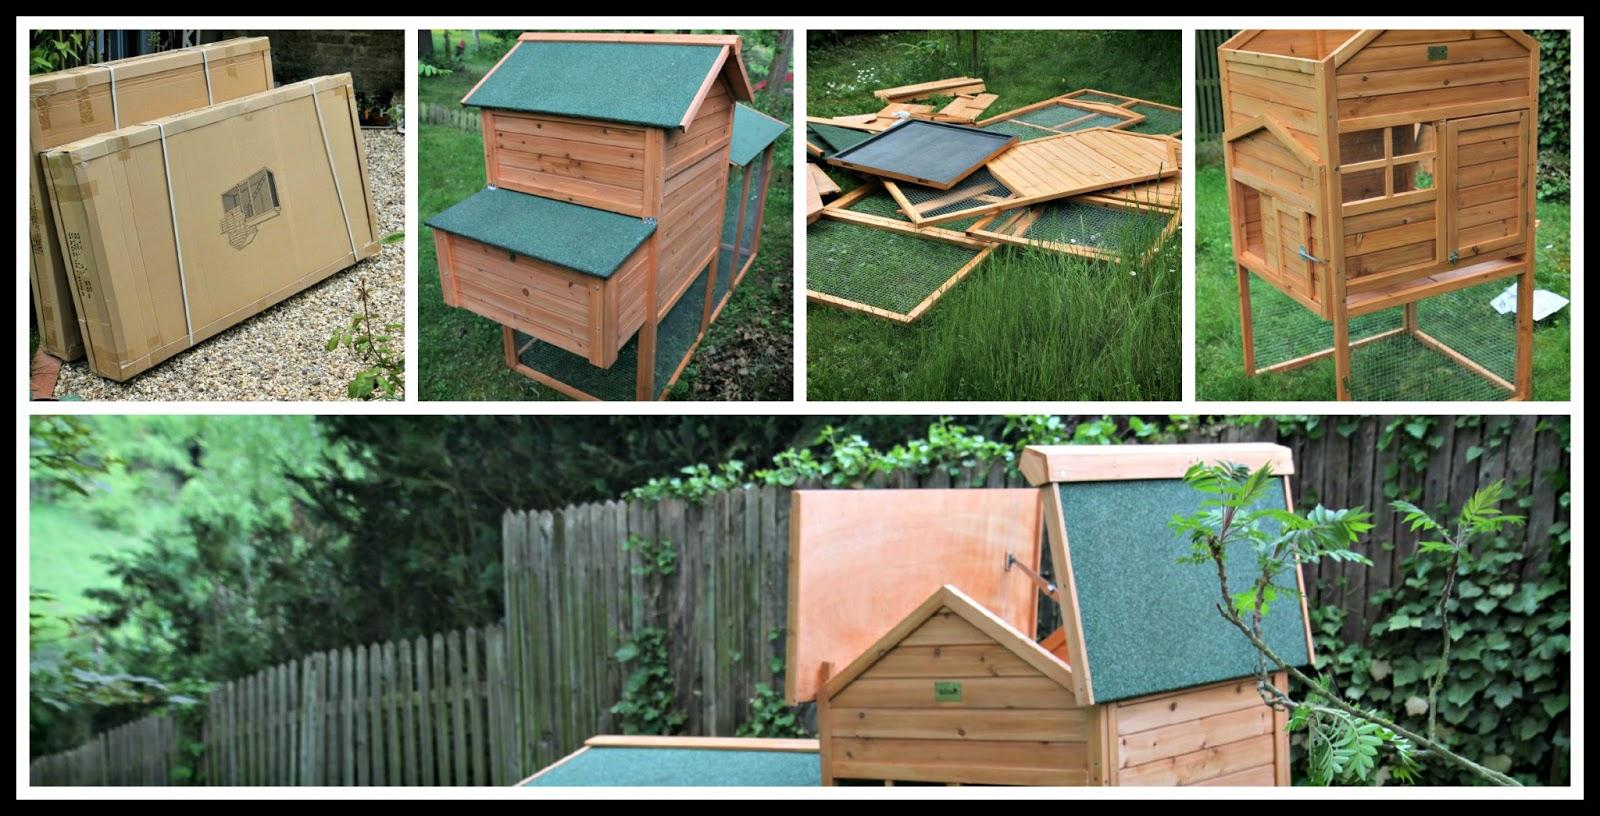 Le jardin des poussins la maison des poules - Poulailler maison des poules ...